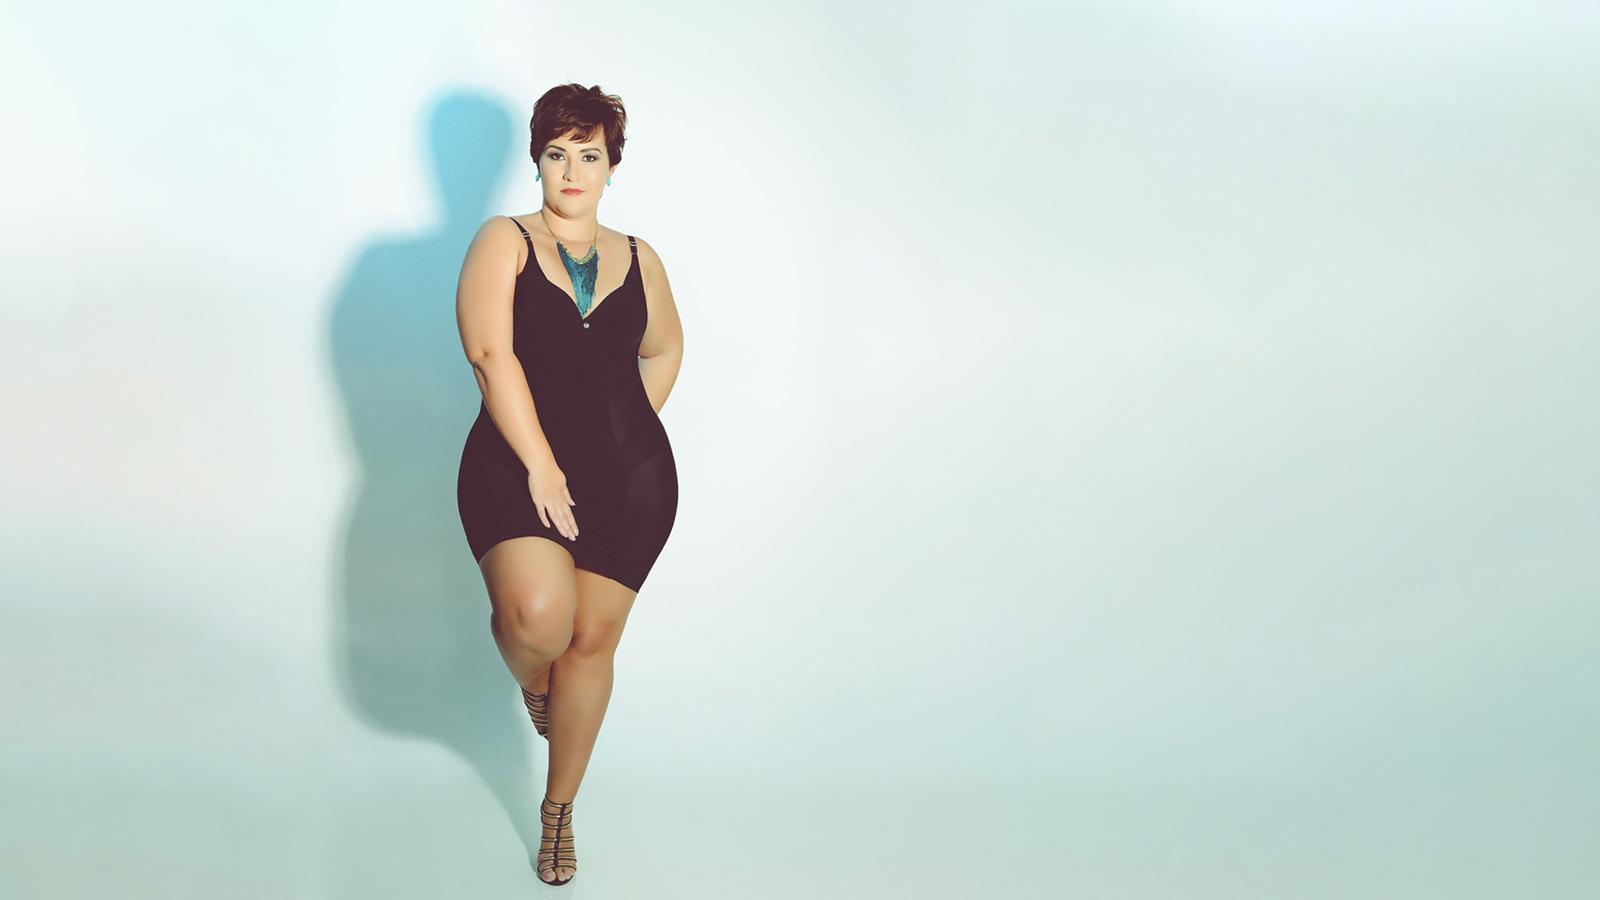 Modelo Plus Size não precisa cuidar do corpo? 1